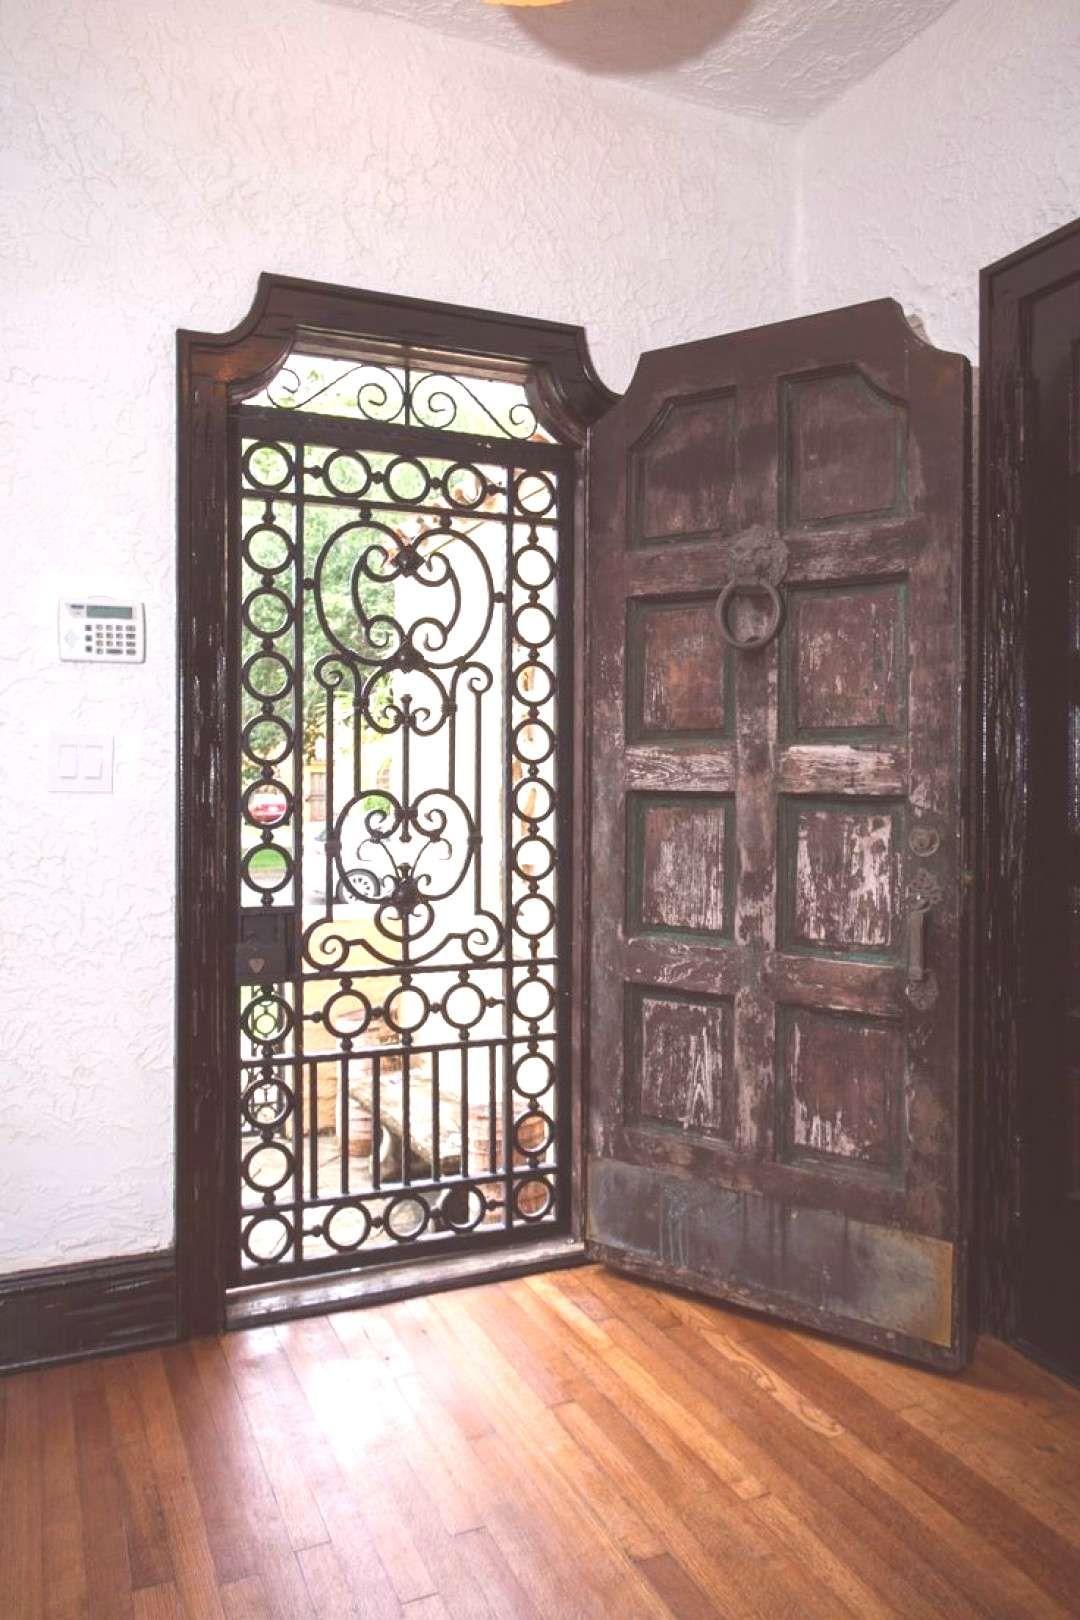 This Oversized Rustic Entry Door With Wrought Iron Gate Is Absolutely Dreamy This Oversized In 2020 Rustic Doors Iron Front Door Garage Door Design